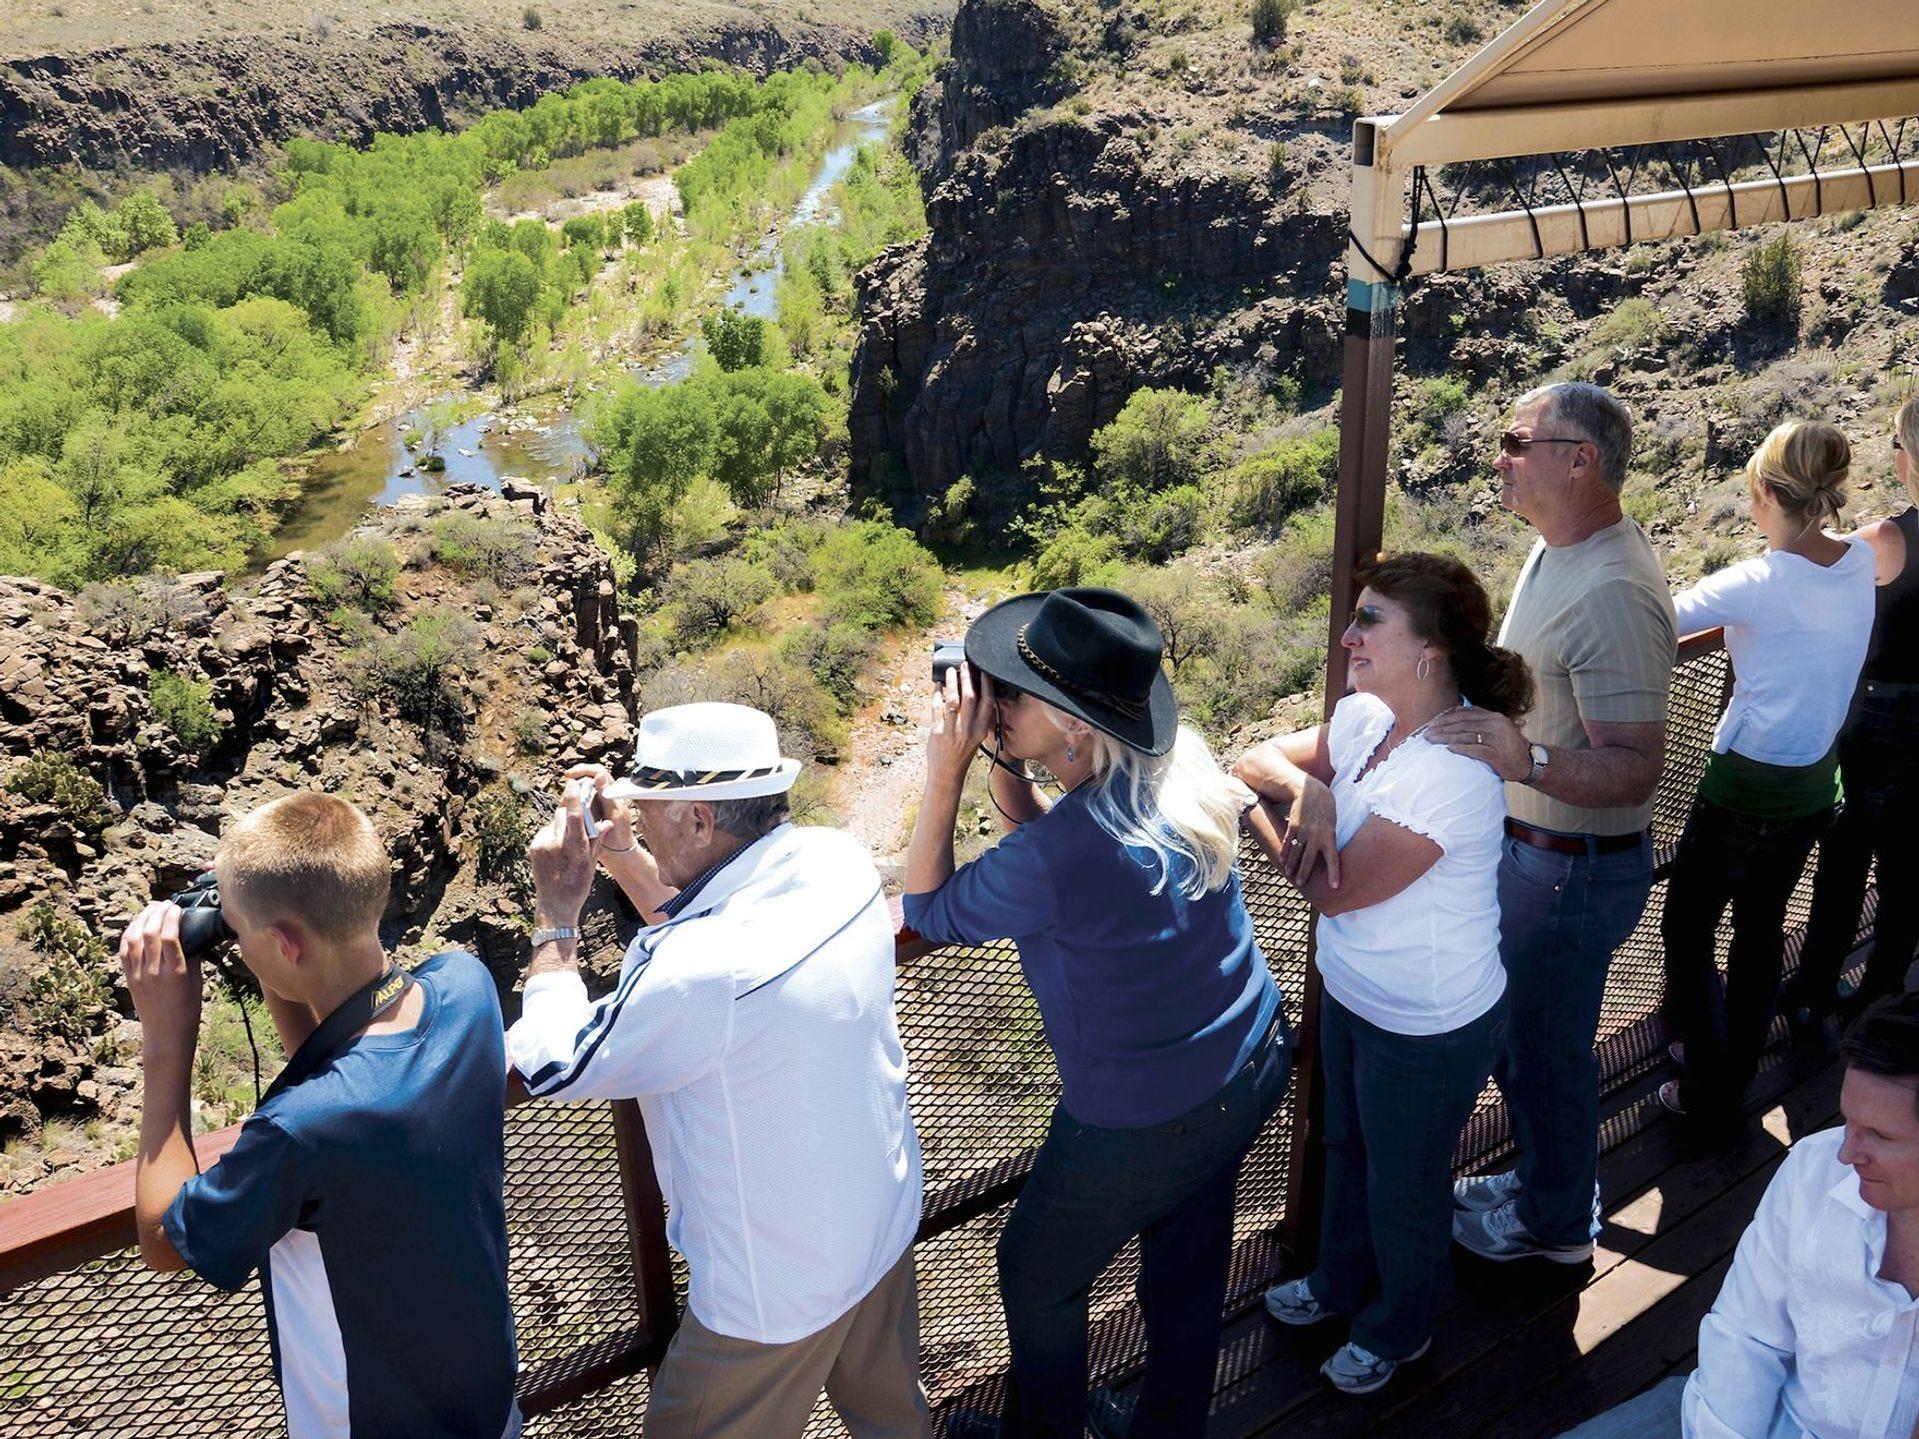 Todos los vagones en el ferrocarril de Verde Canyon brindan acceso a plataformas de observación al aire libre que son imposibles de resistir, especialmente en la primavera.